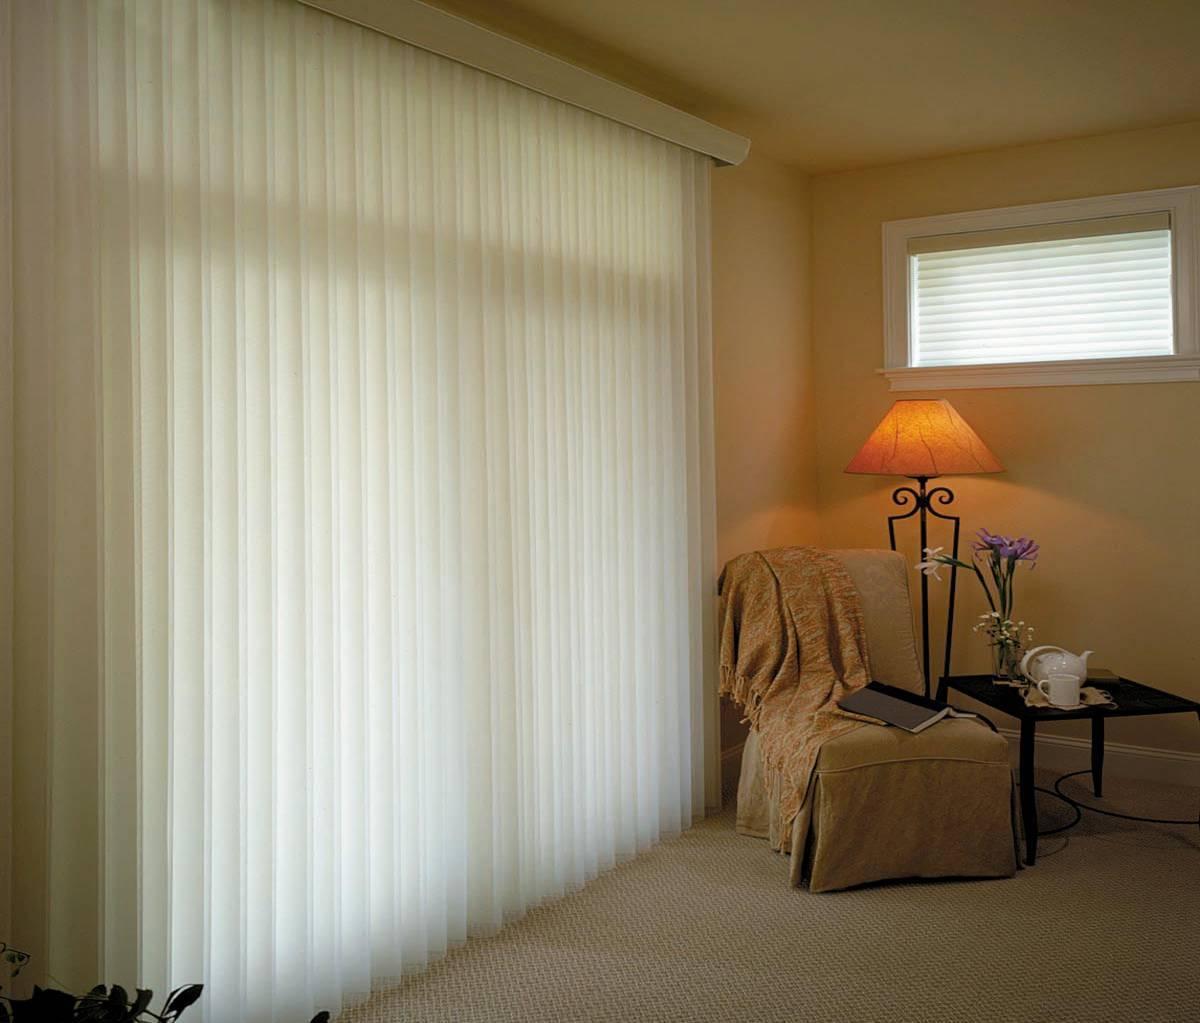 杜亚电动窗帘有哪些优点?怎么安装电动窗帘?